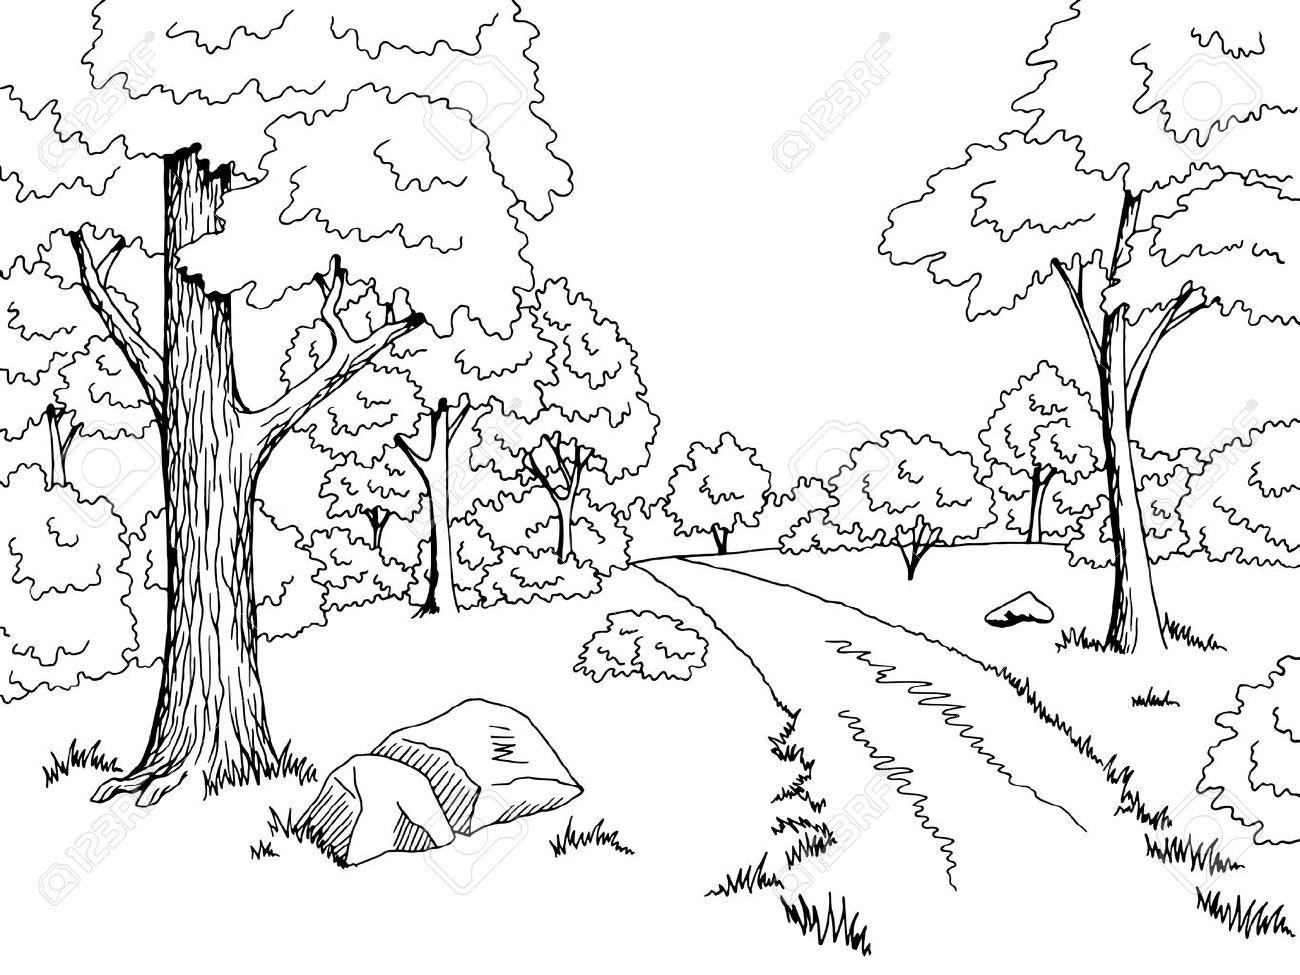 Forest road graphic art black white landscape sketch illustration...